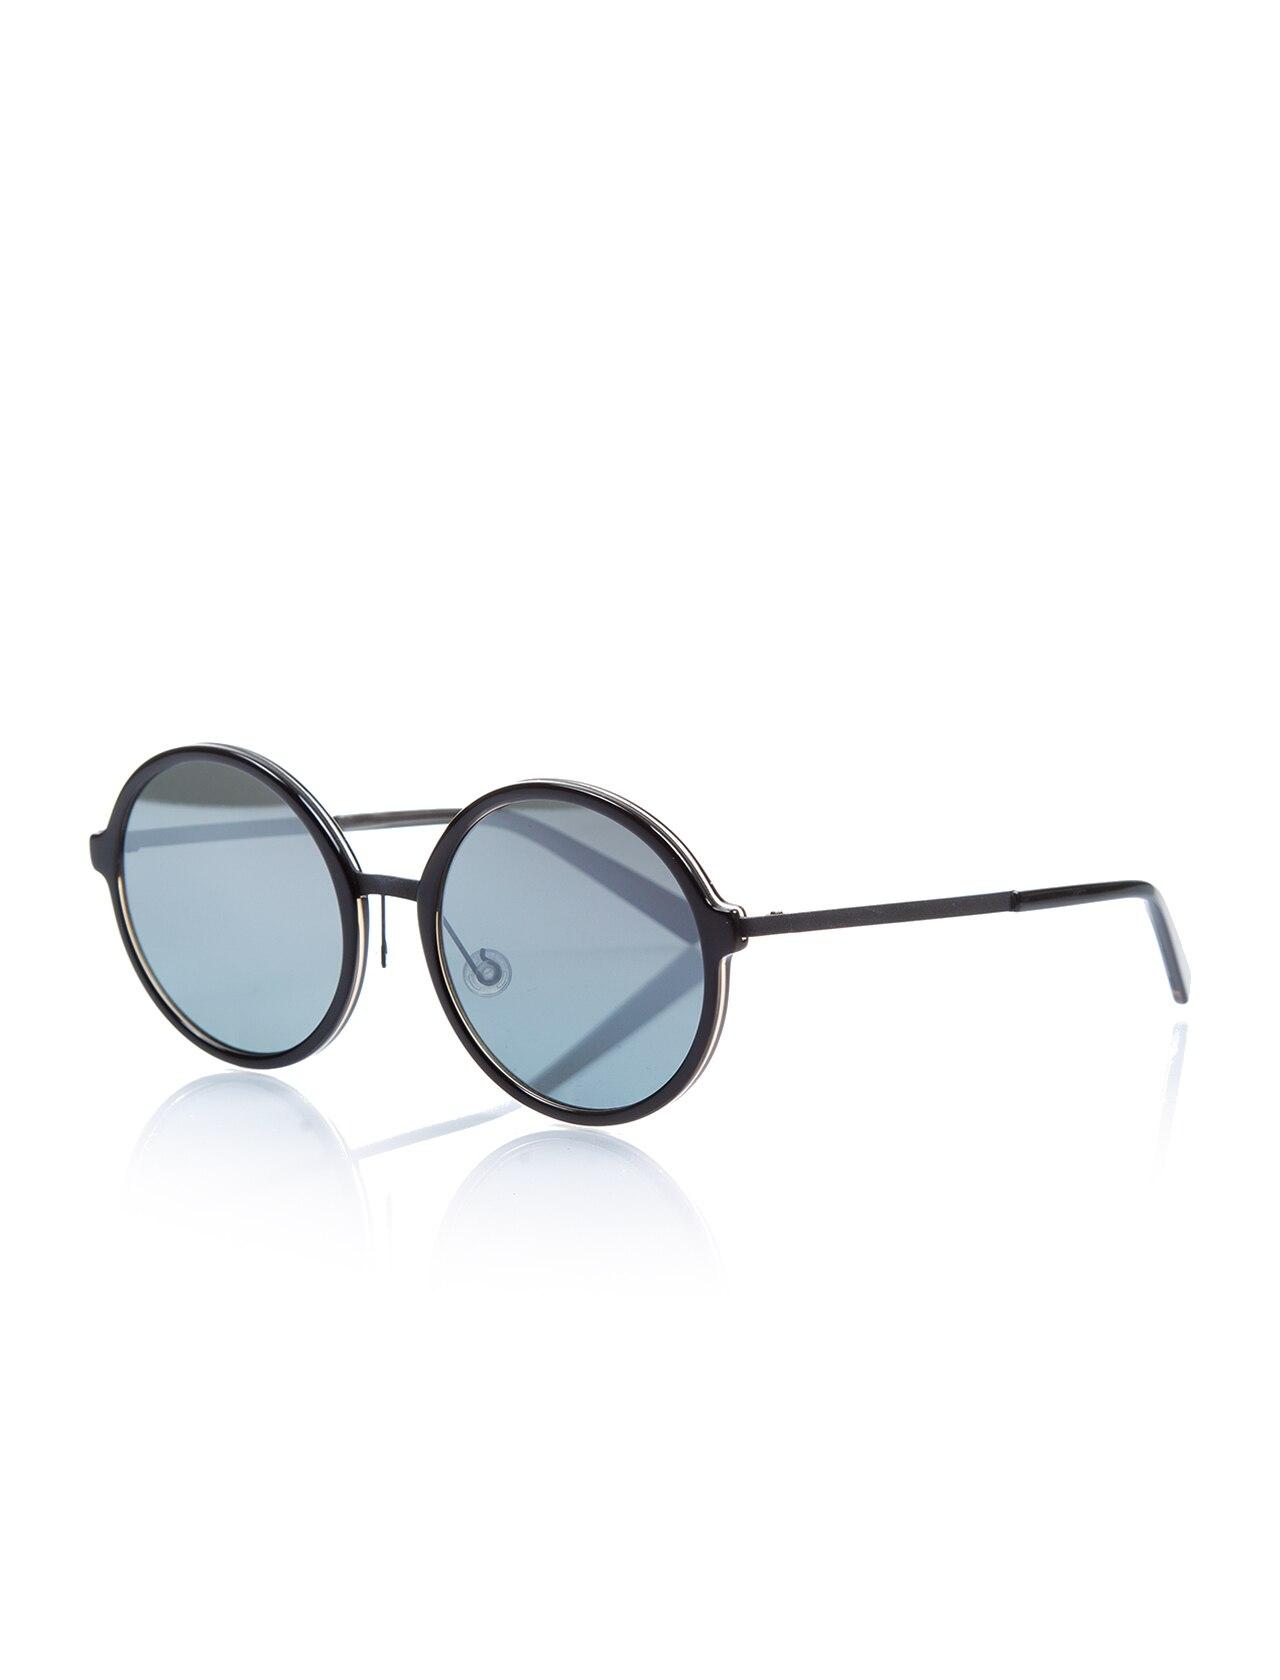 Women's sunglasses fy ewers 4014 bone black unspecified 52 -- fleye